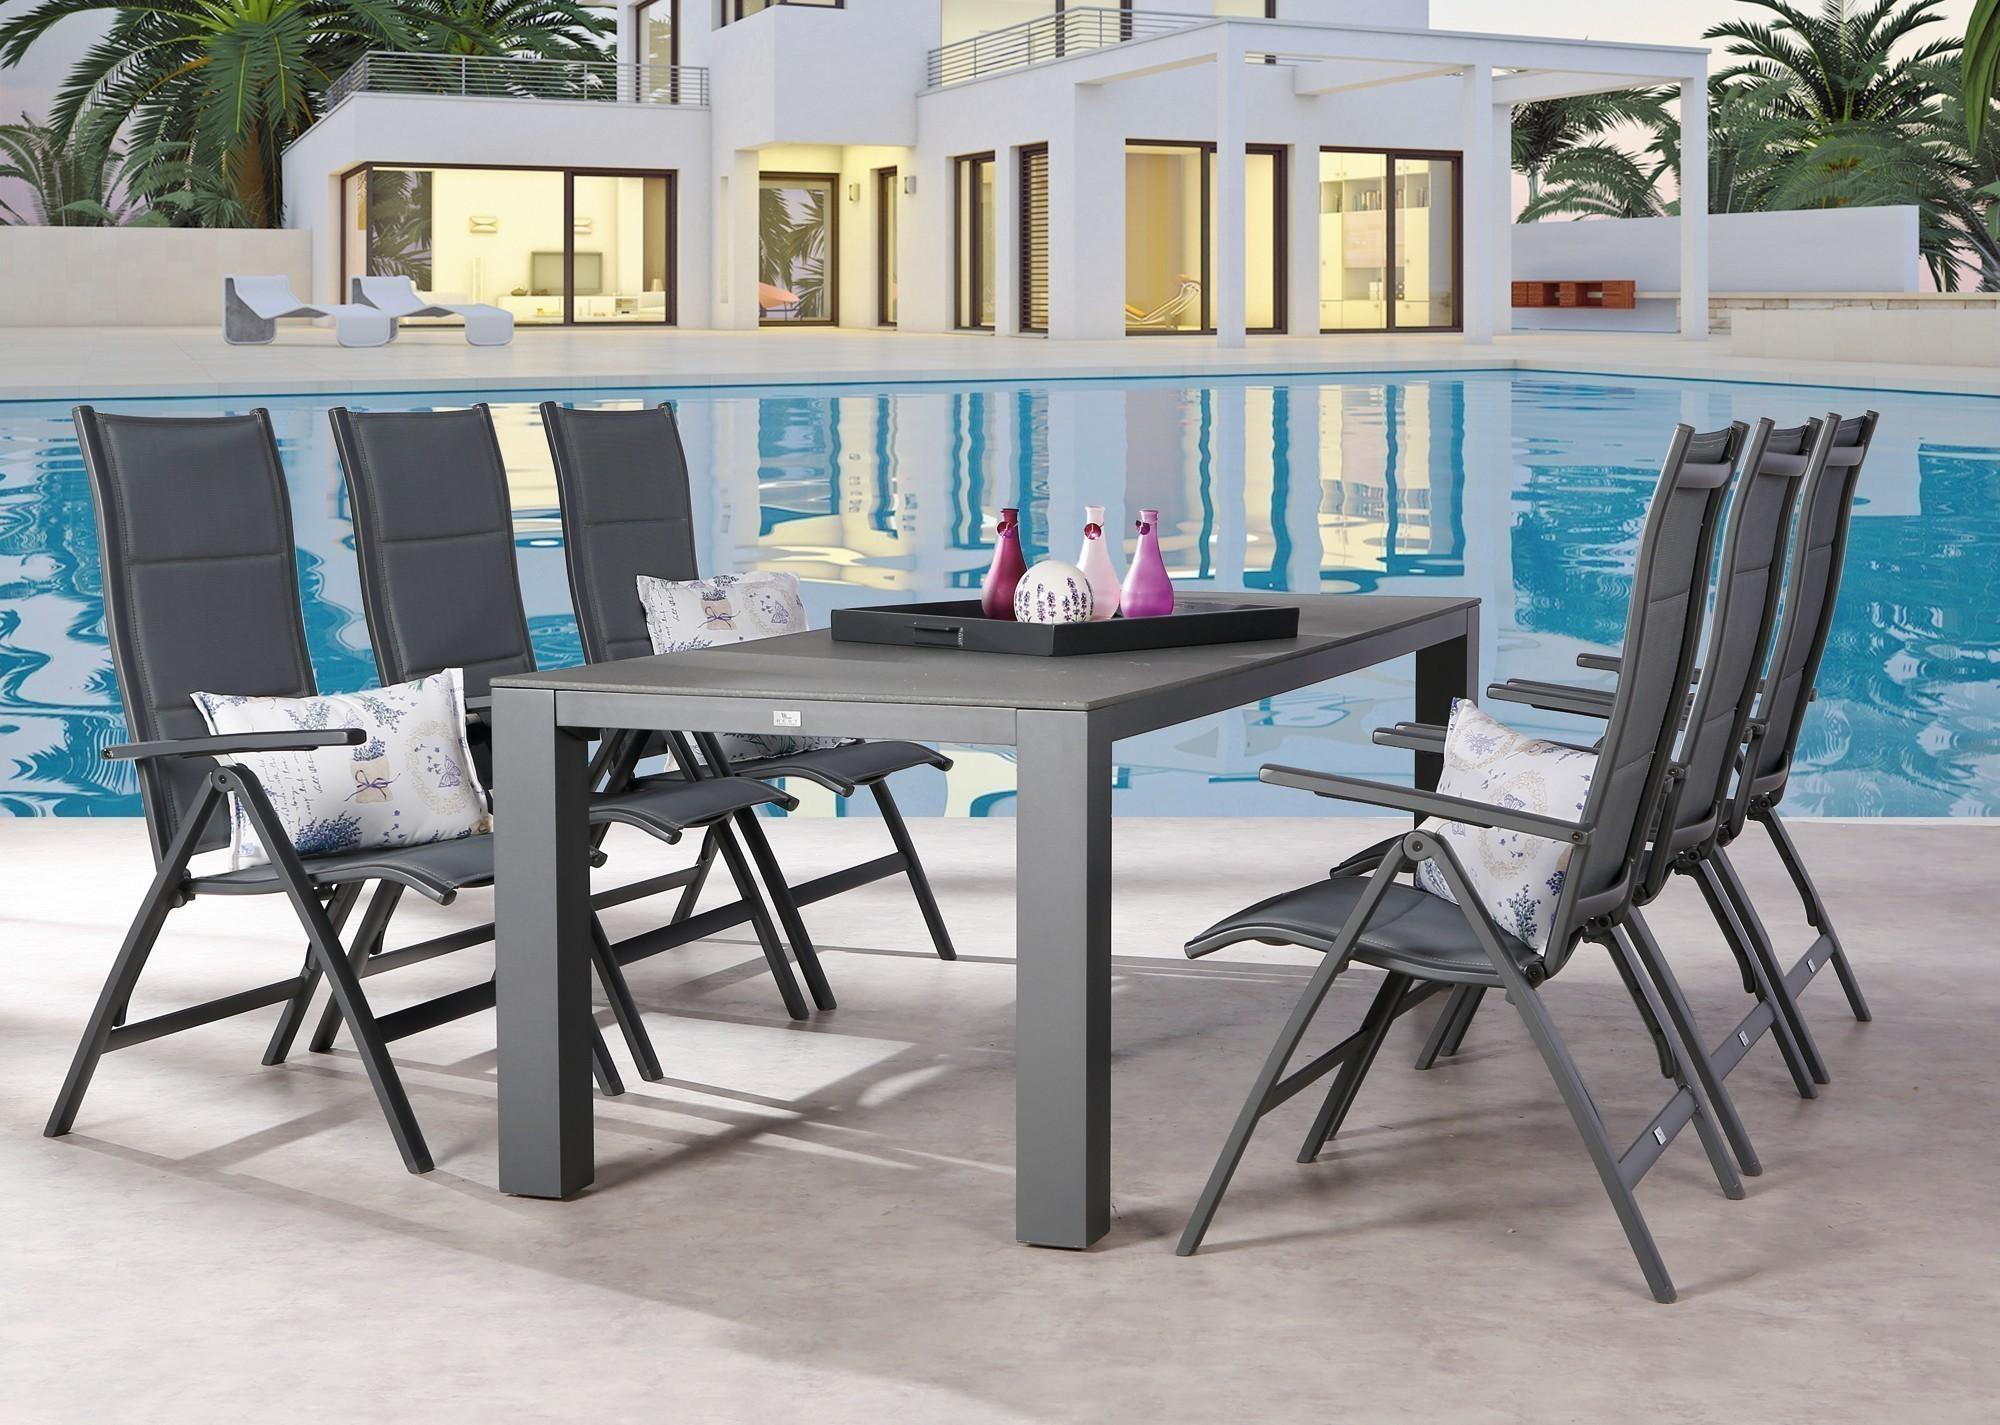 Gartentisch Livorno Best 230x90cm Alu Durable Top anthrazit Bild 3